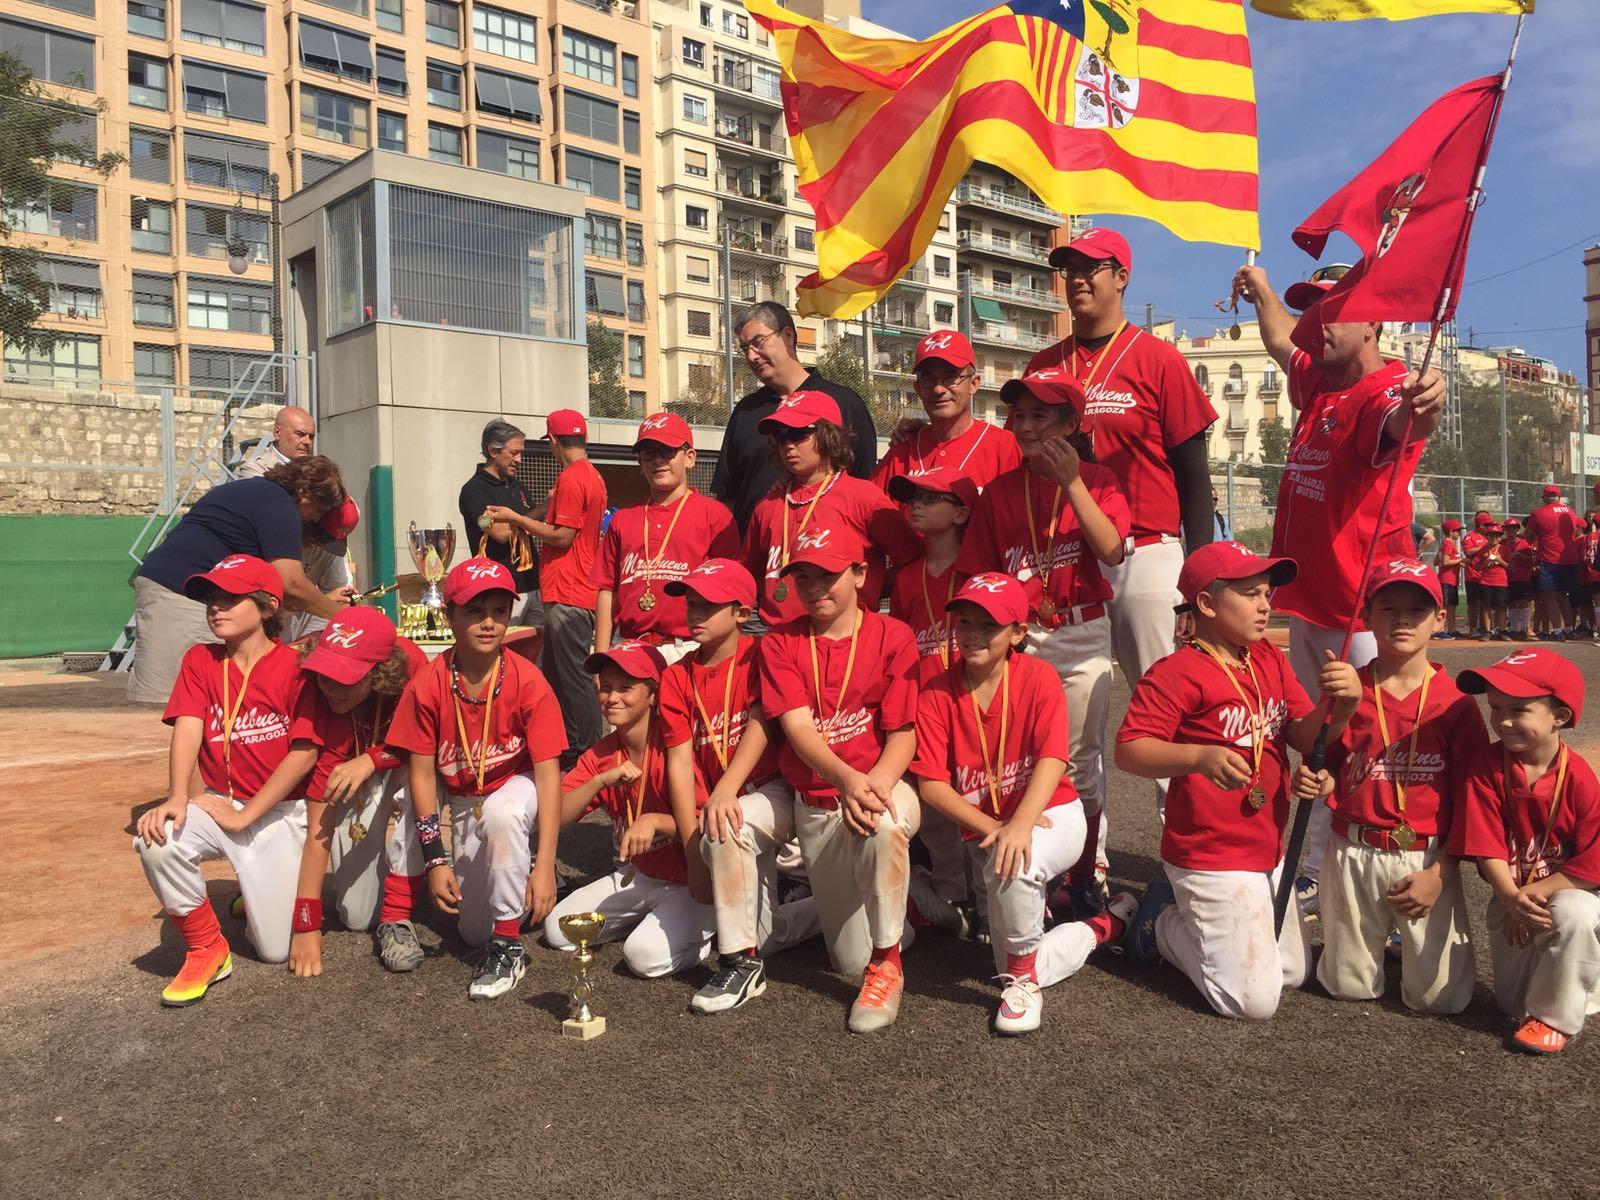 http://www.beisbolmiralbueno.es/wp-content/uploads/2016/10/IMG_09751.jpg